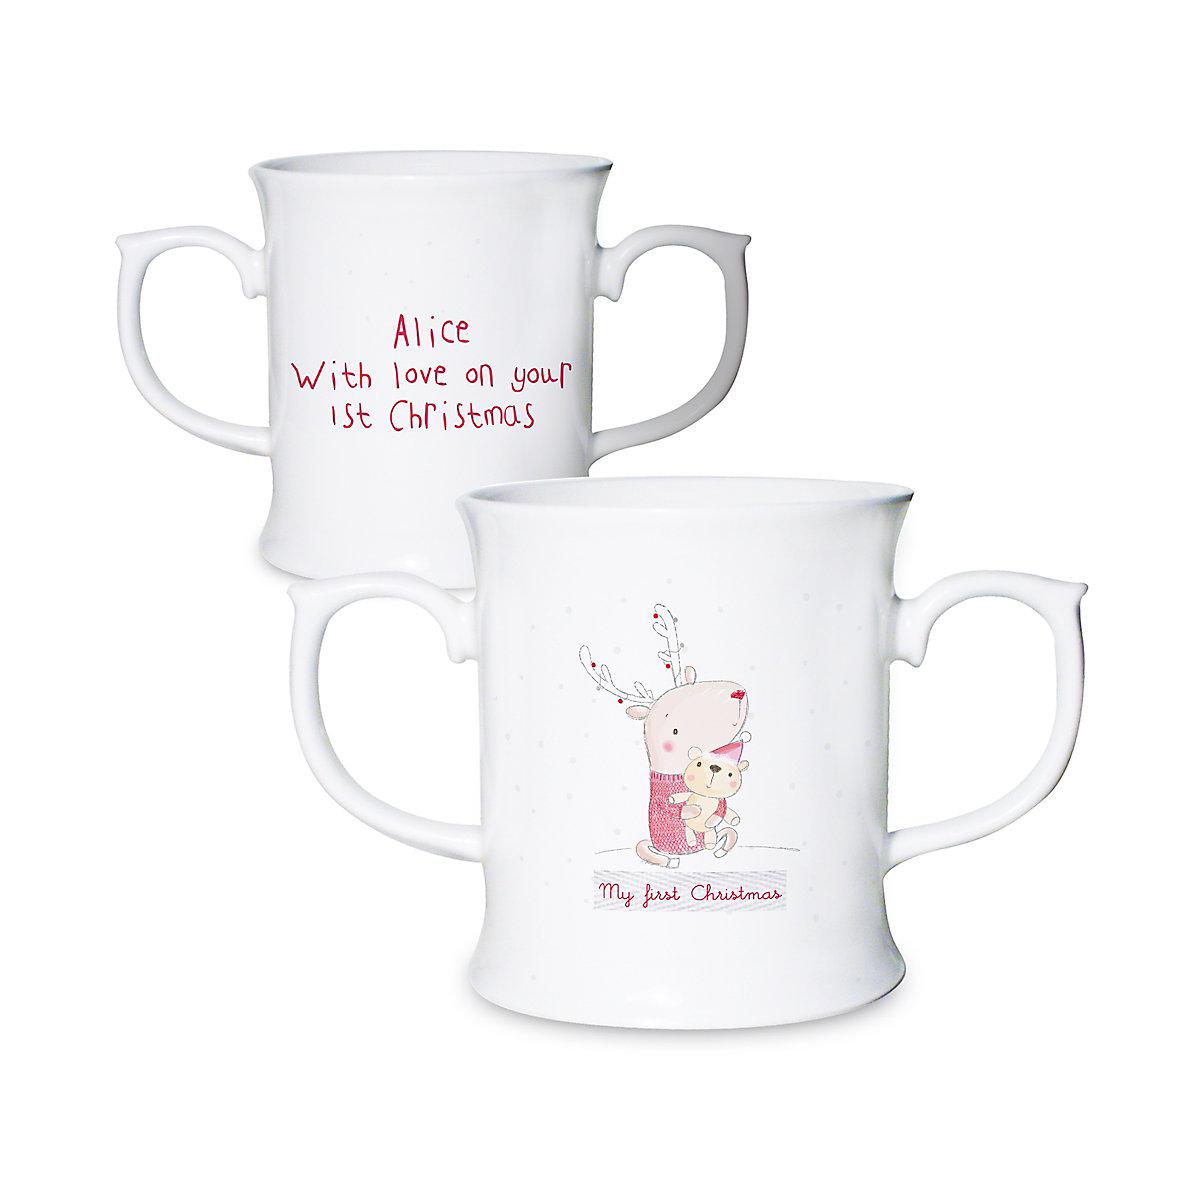 Personalised My First Christmas Reindeer Mug